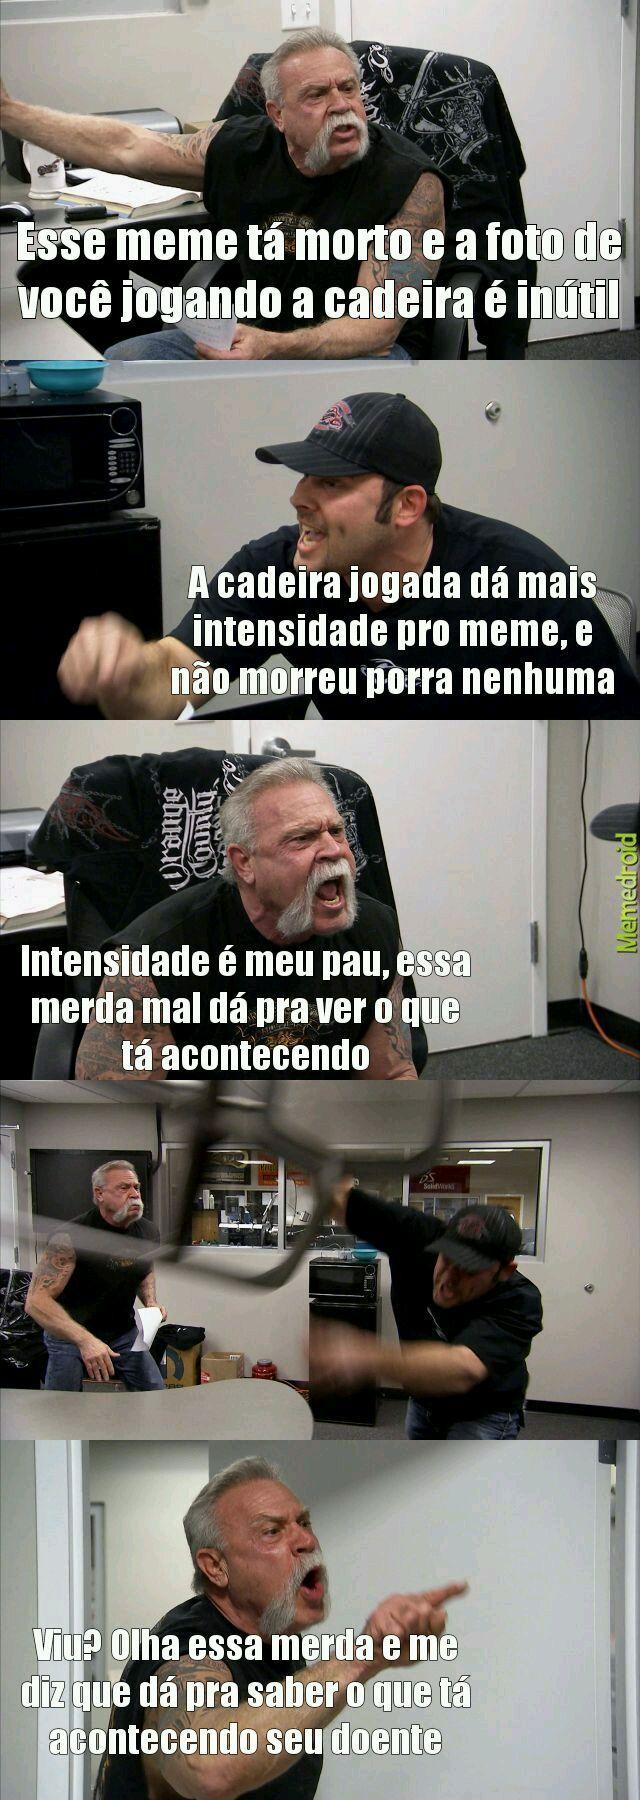 Pelo menos meme morto é melhor q meme da sam